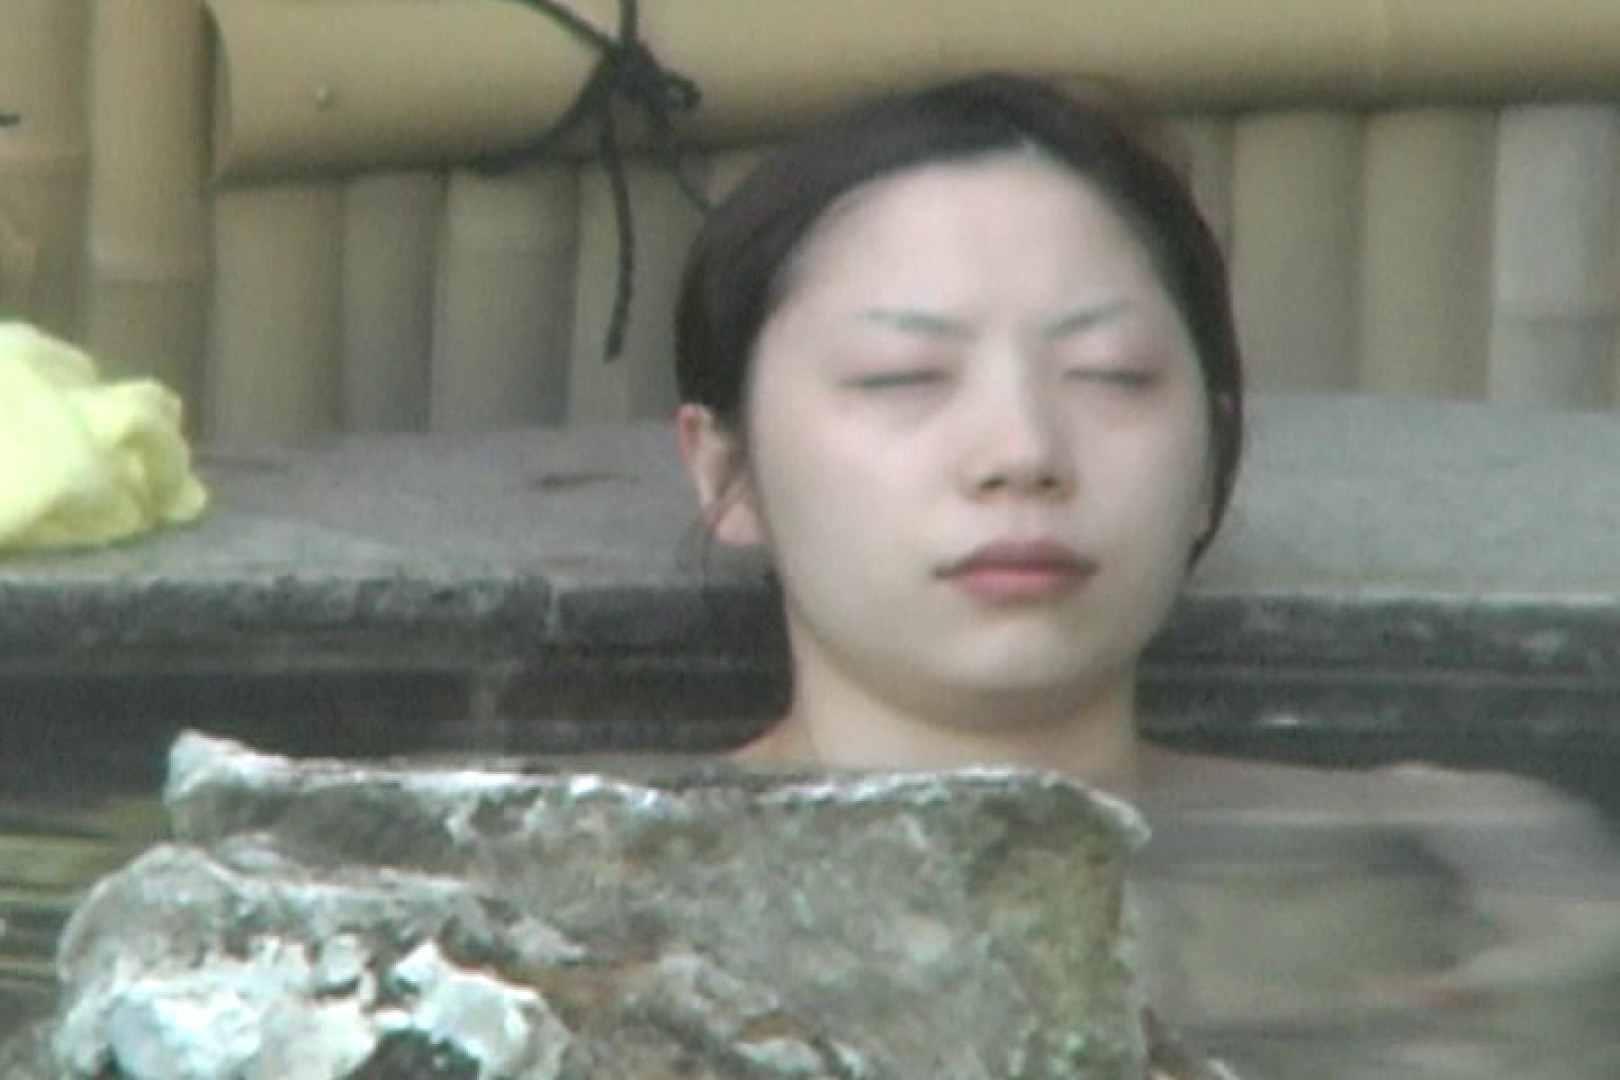 Aquaな露天風呂Vol.596 盗撮シリーズ  113PIX 68